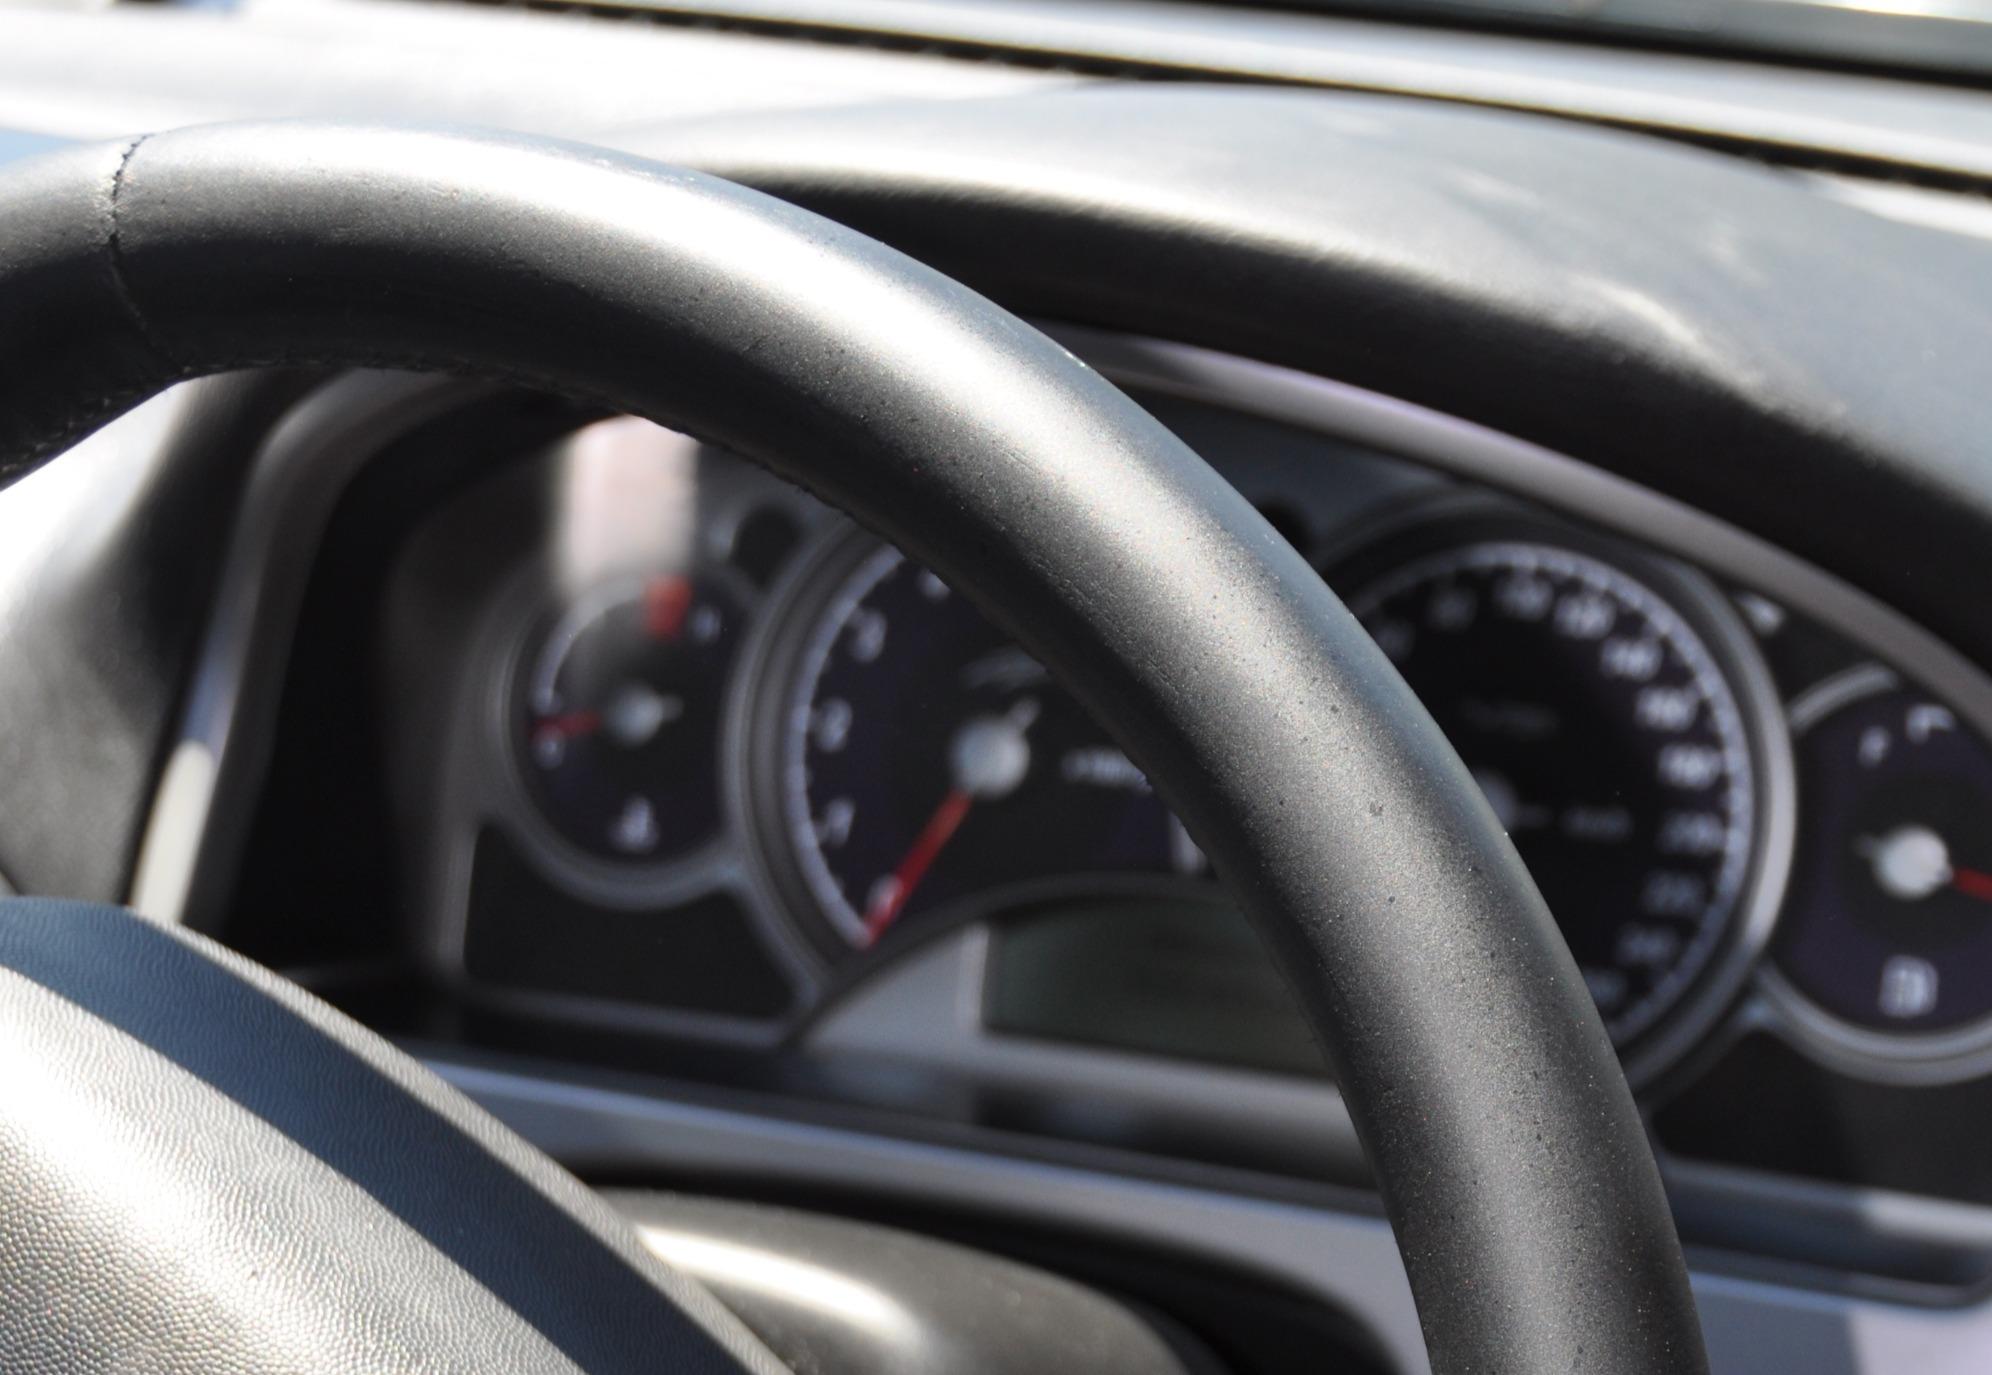 steering wheel - after